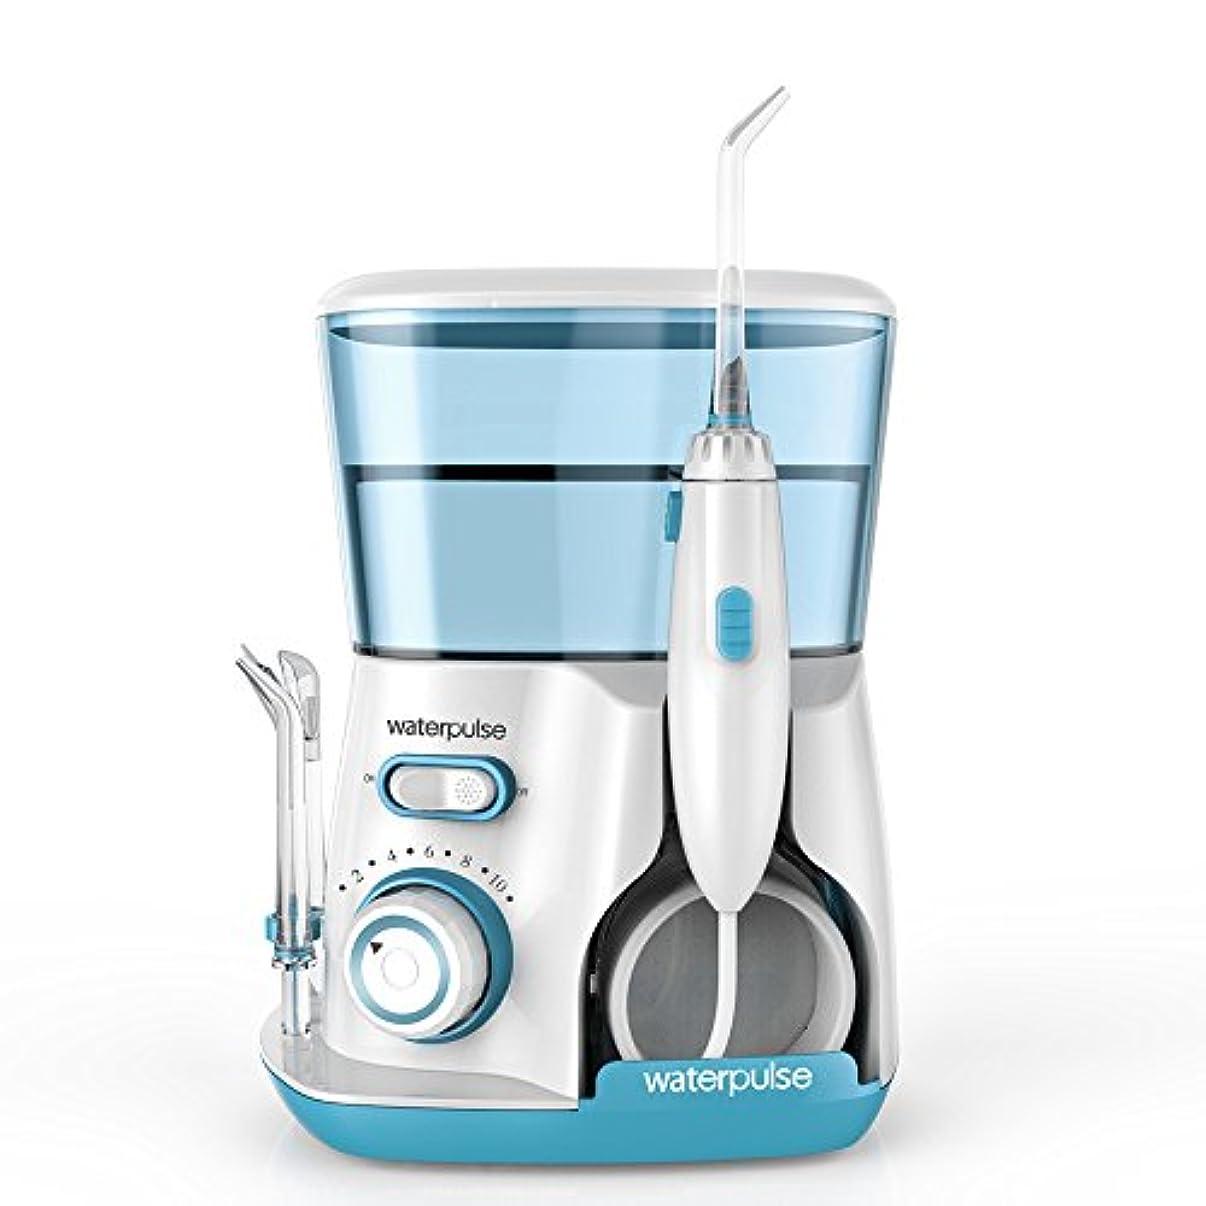 風明確な取るに足らないLiebeye 口腔衛生用 デンタル フロス 口腔洗浄器 口腔ケア オーラルアイライナー V300G